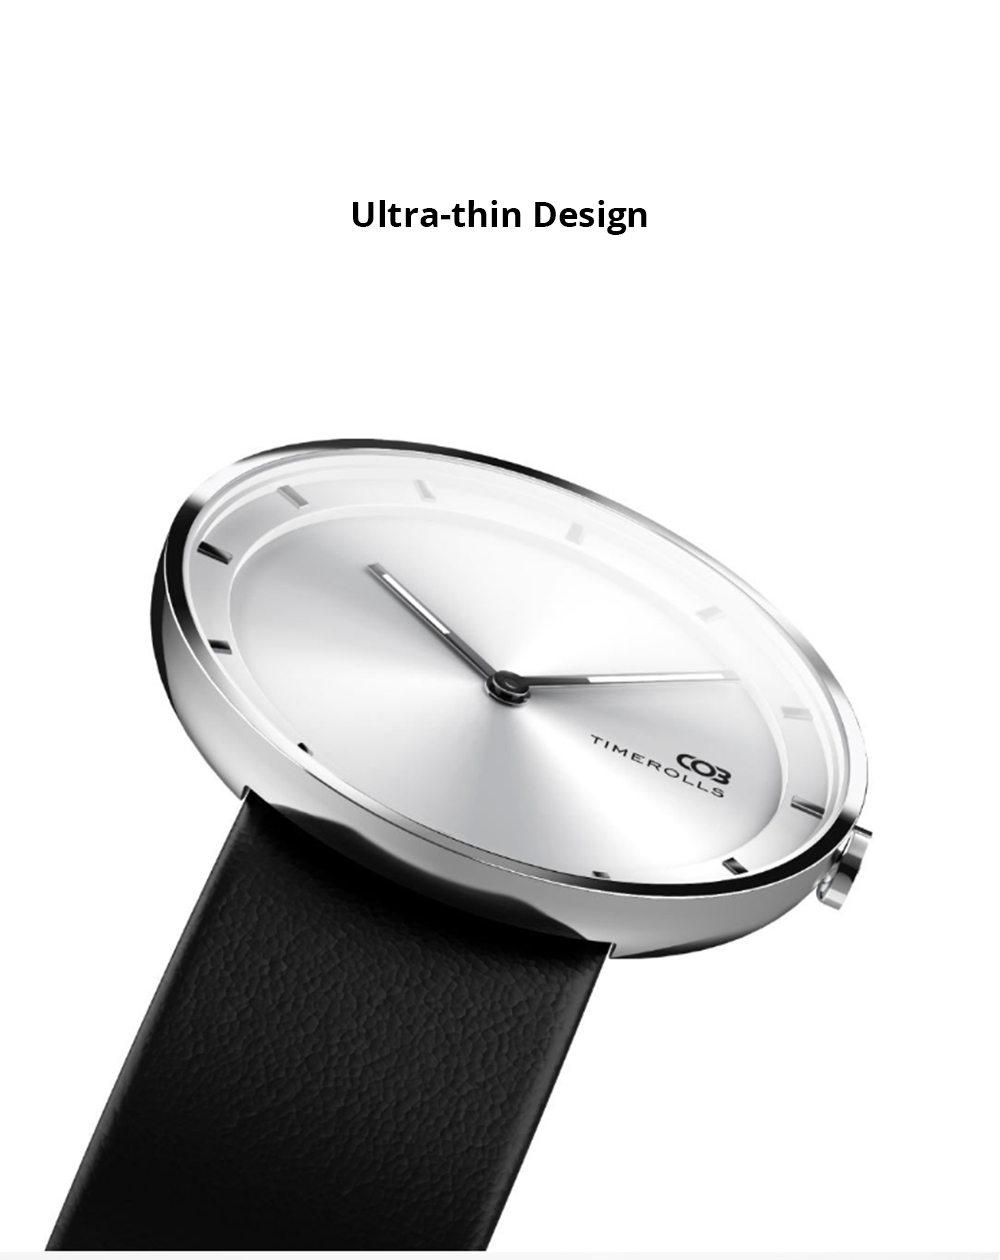 new xiaomi youpin timerolls cob adwq0118 quartz watch